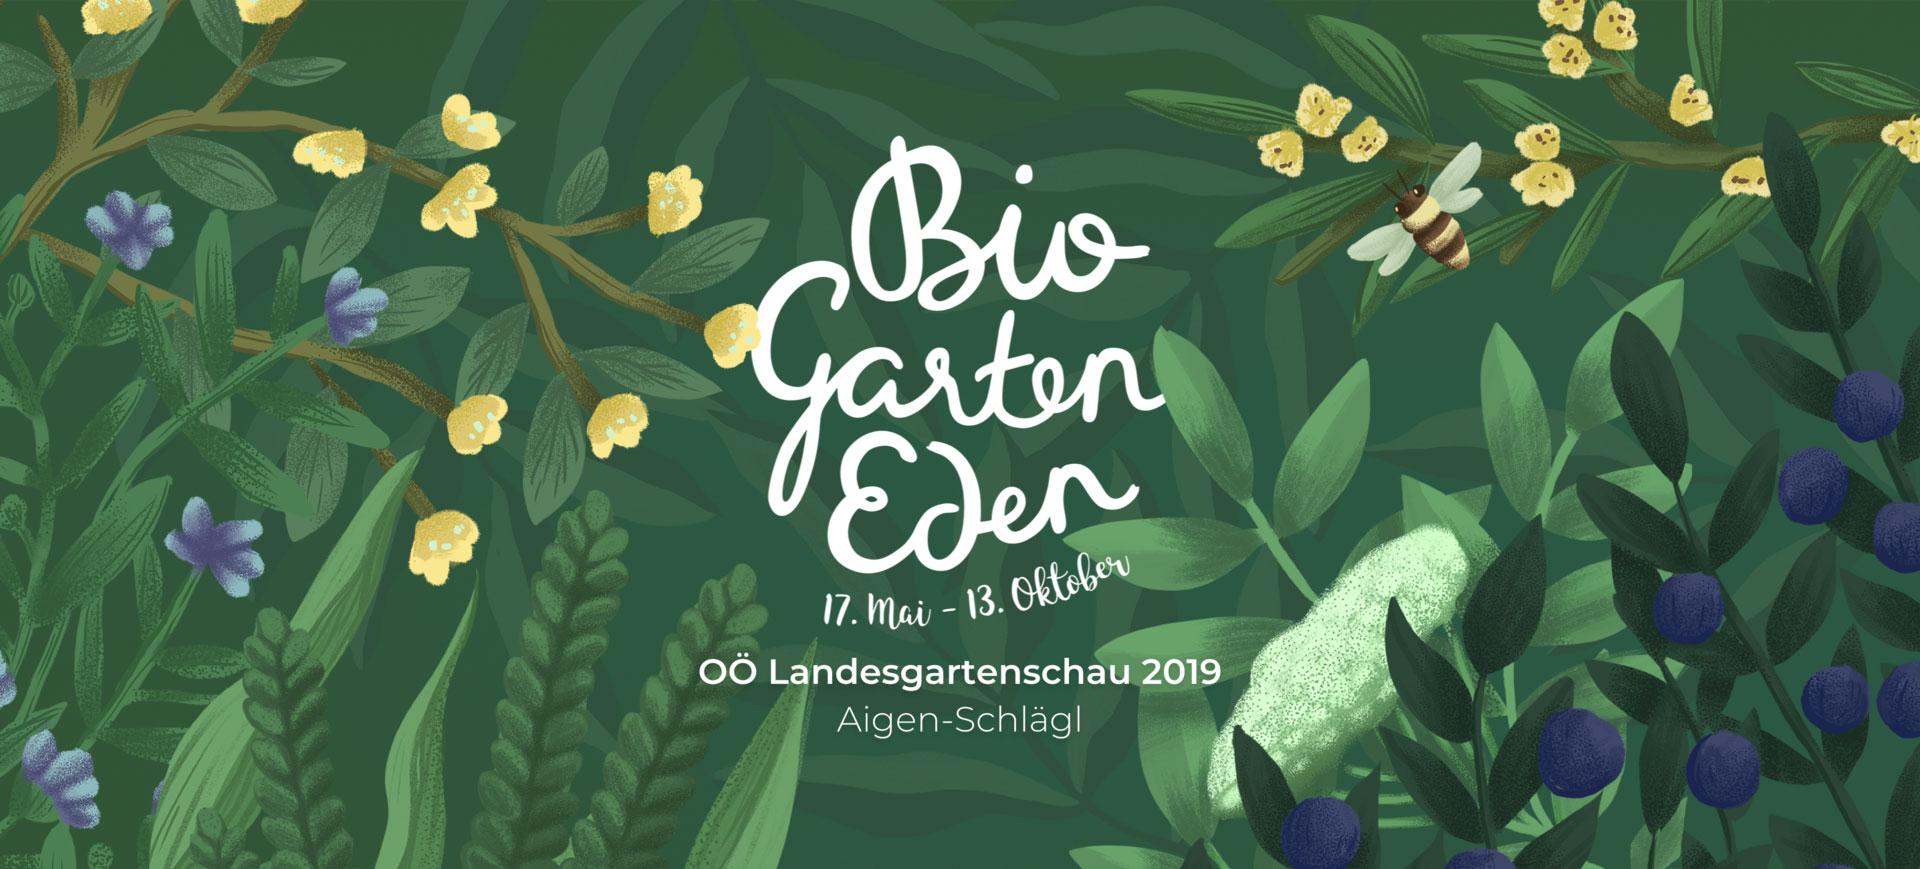 Landesgartenschau BioGartenEden